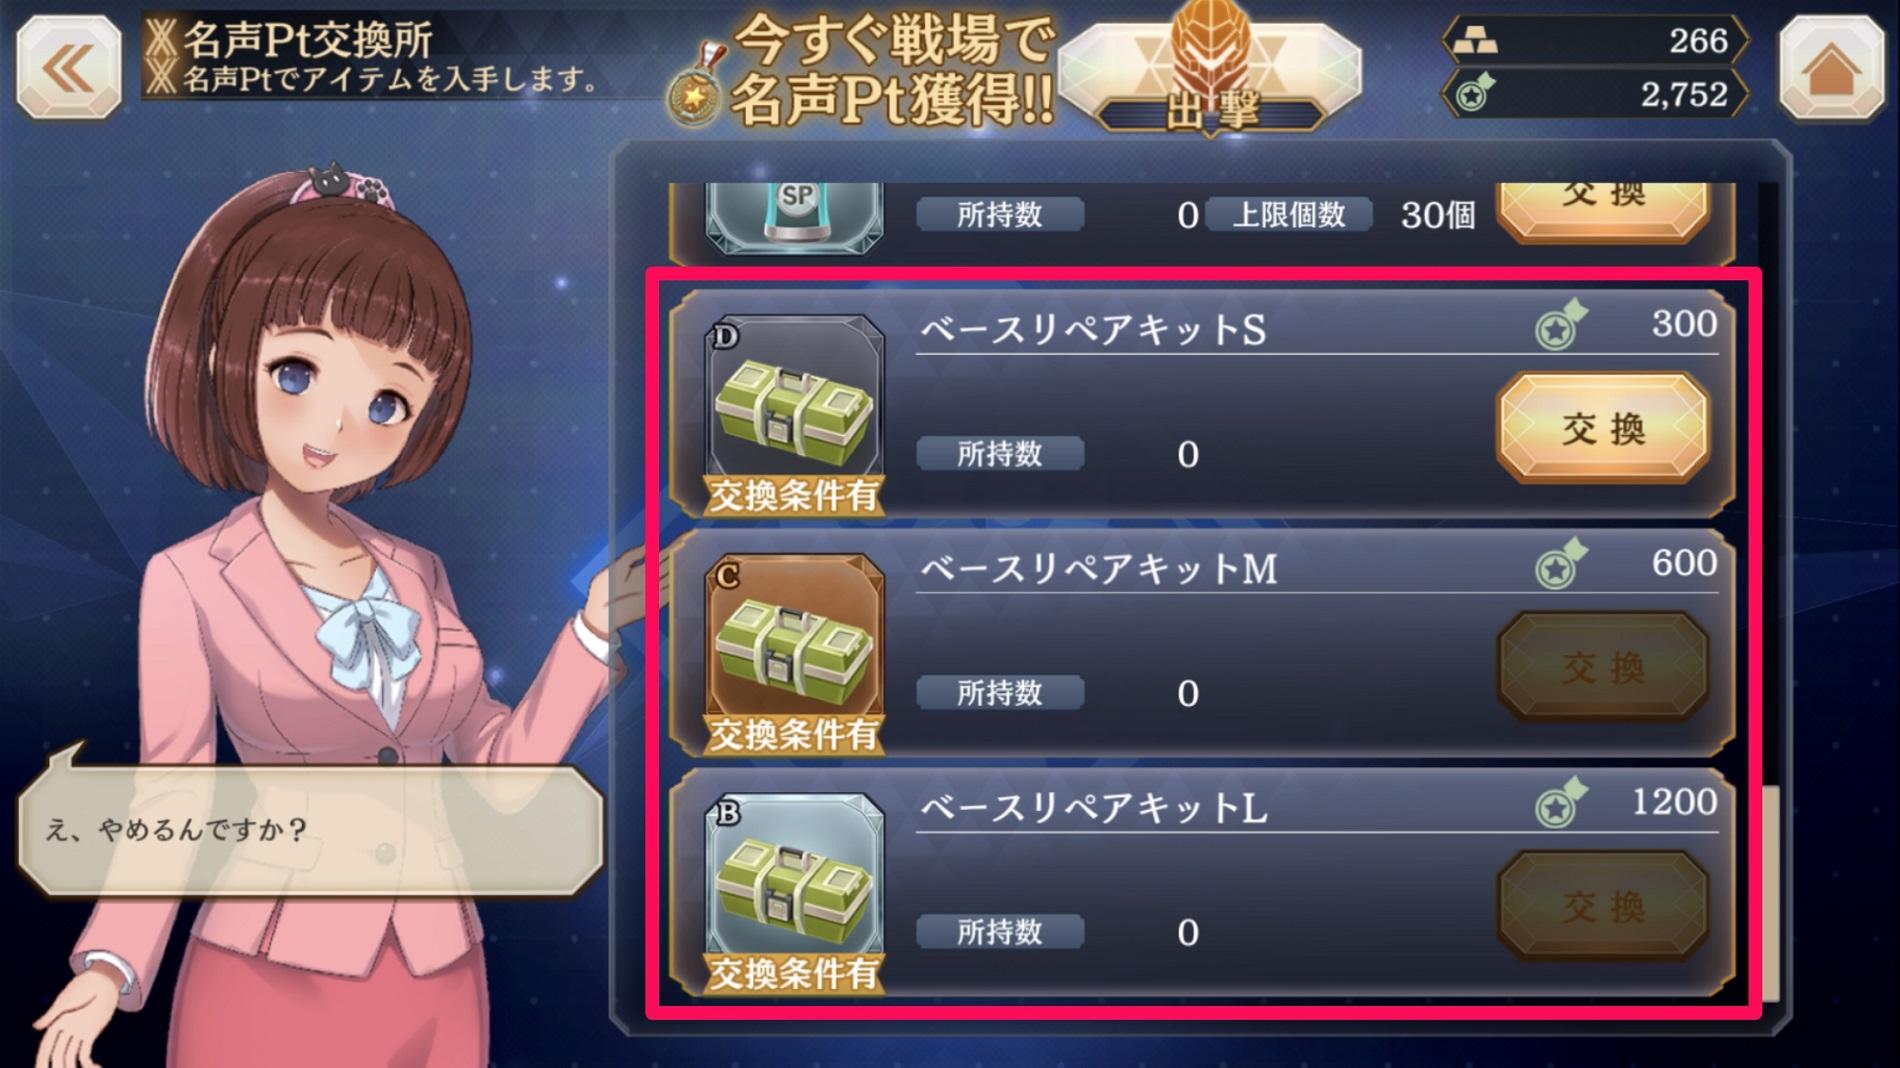 サンジャス【攻略】: 戦場パート応用編!まず目指すは戦術「中級設営」習得!?